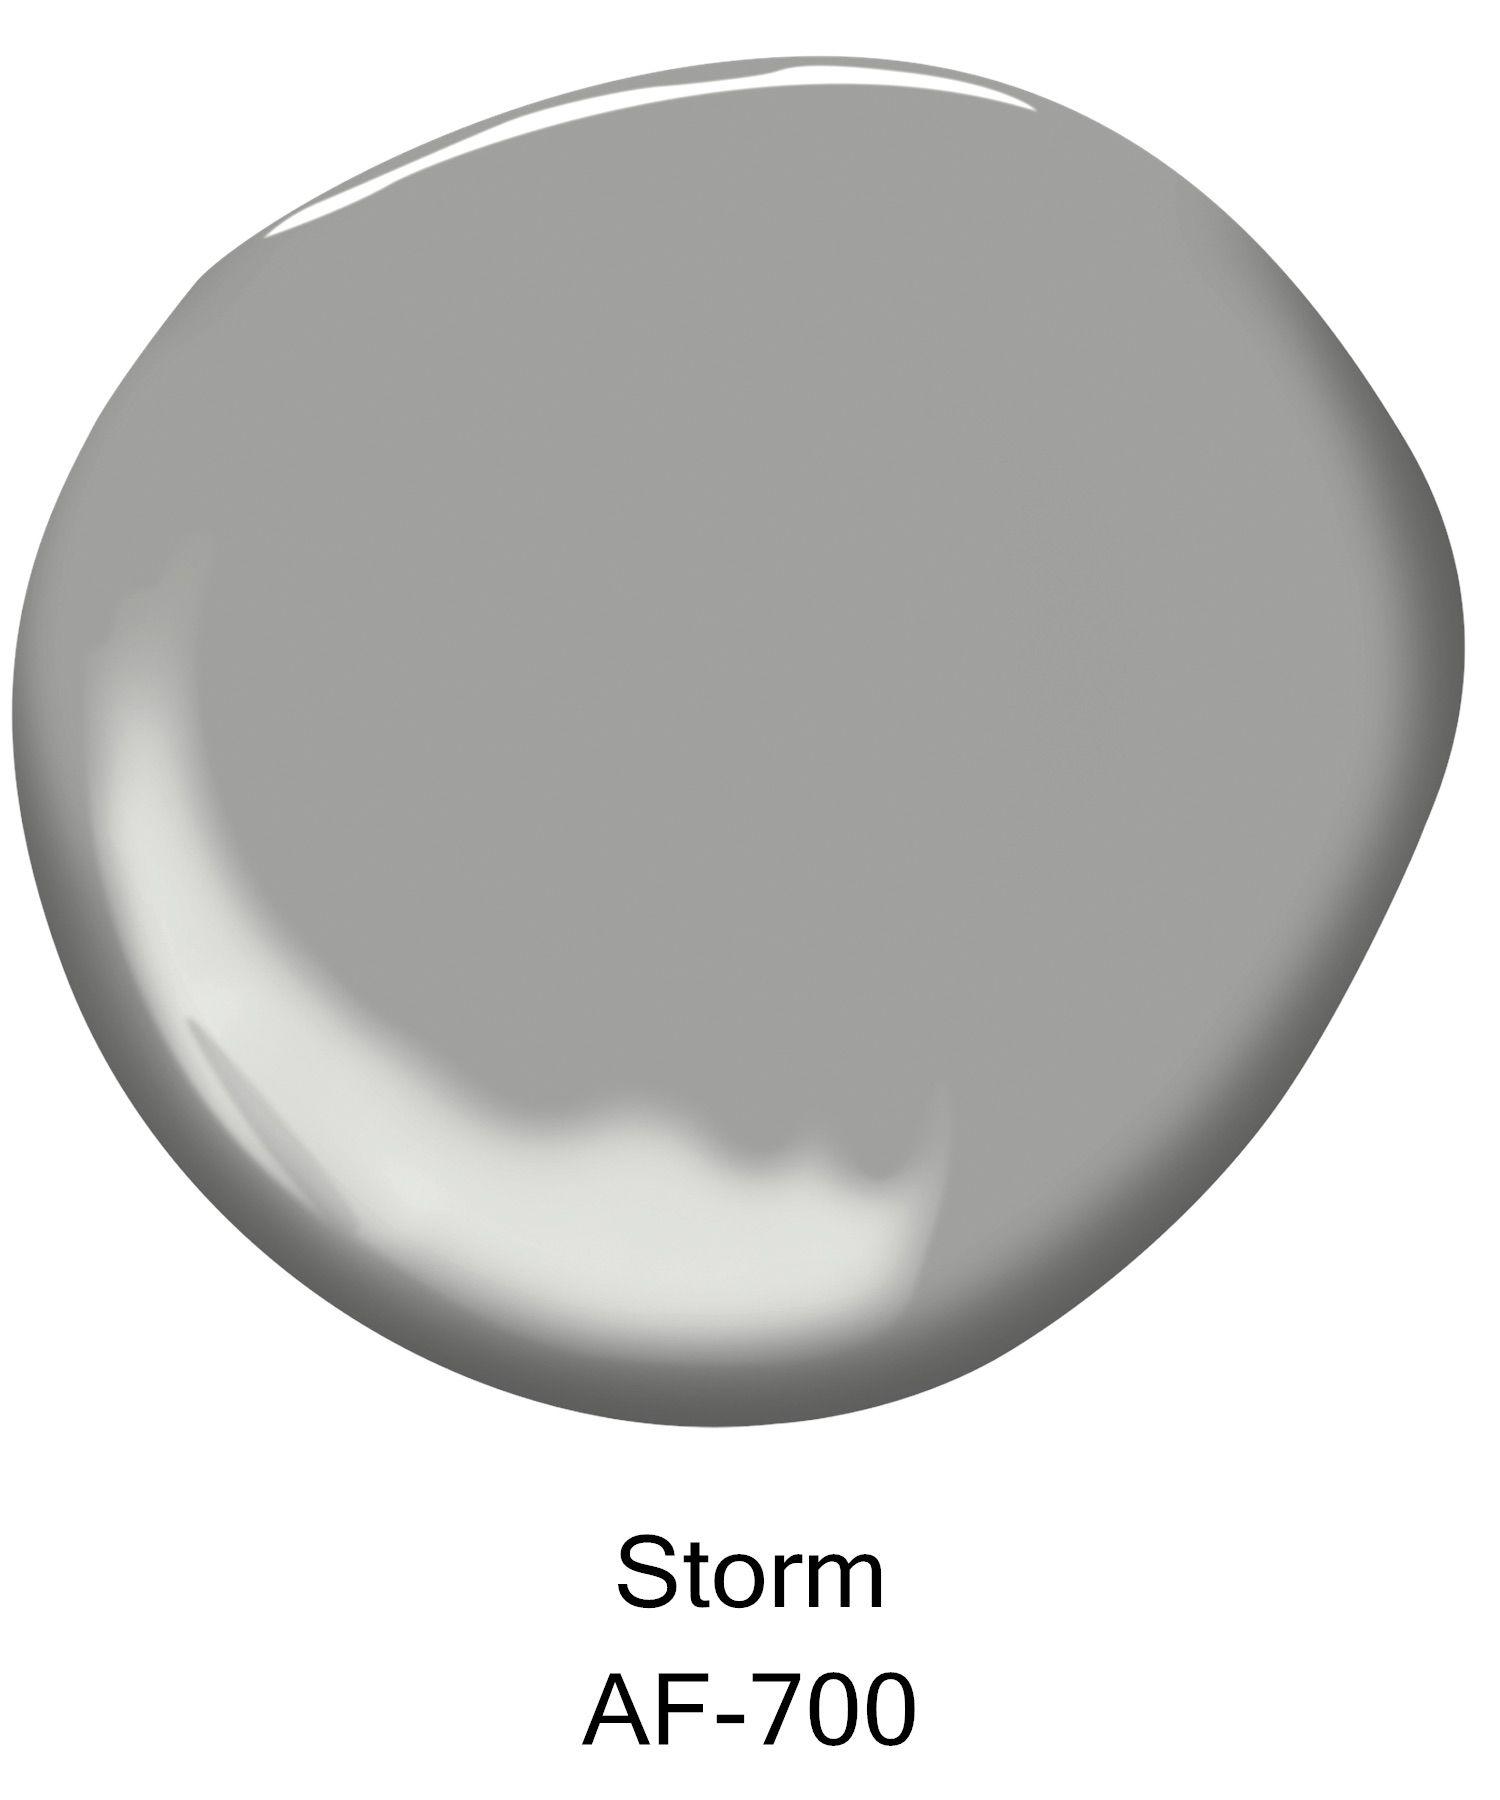 benjamin moore storm